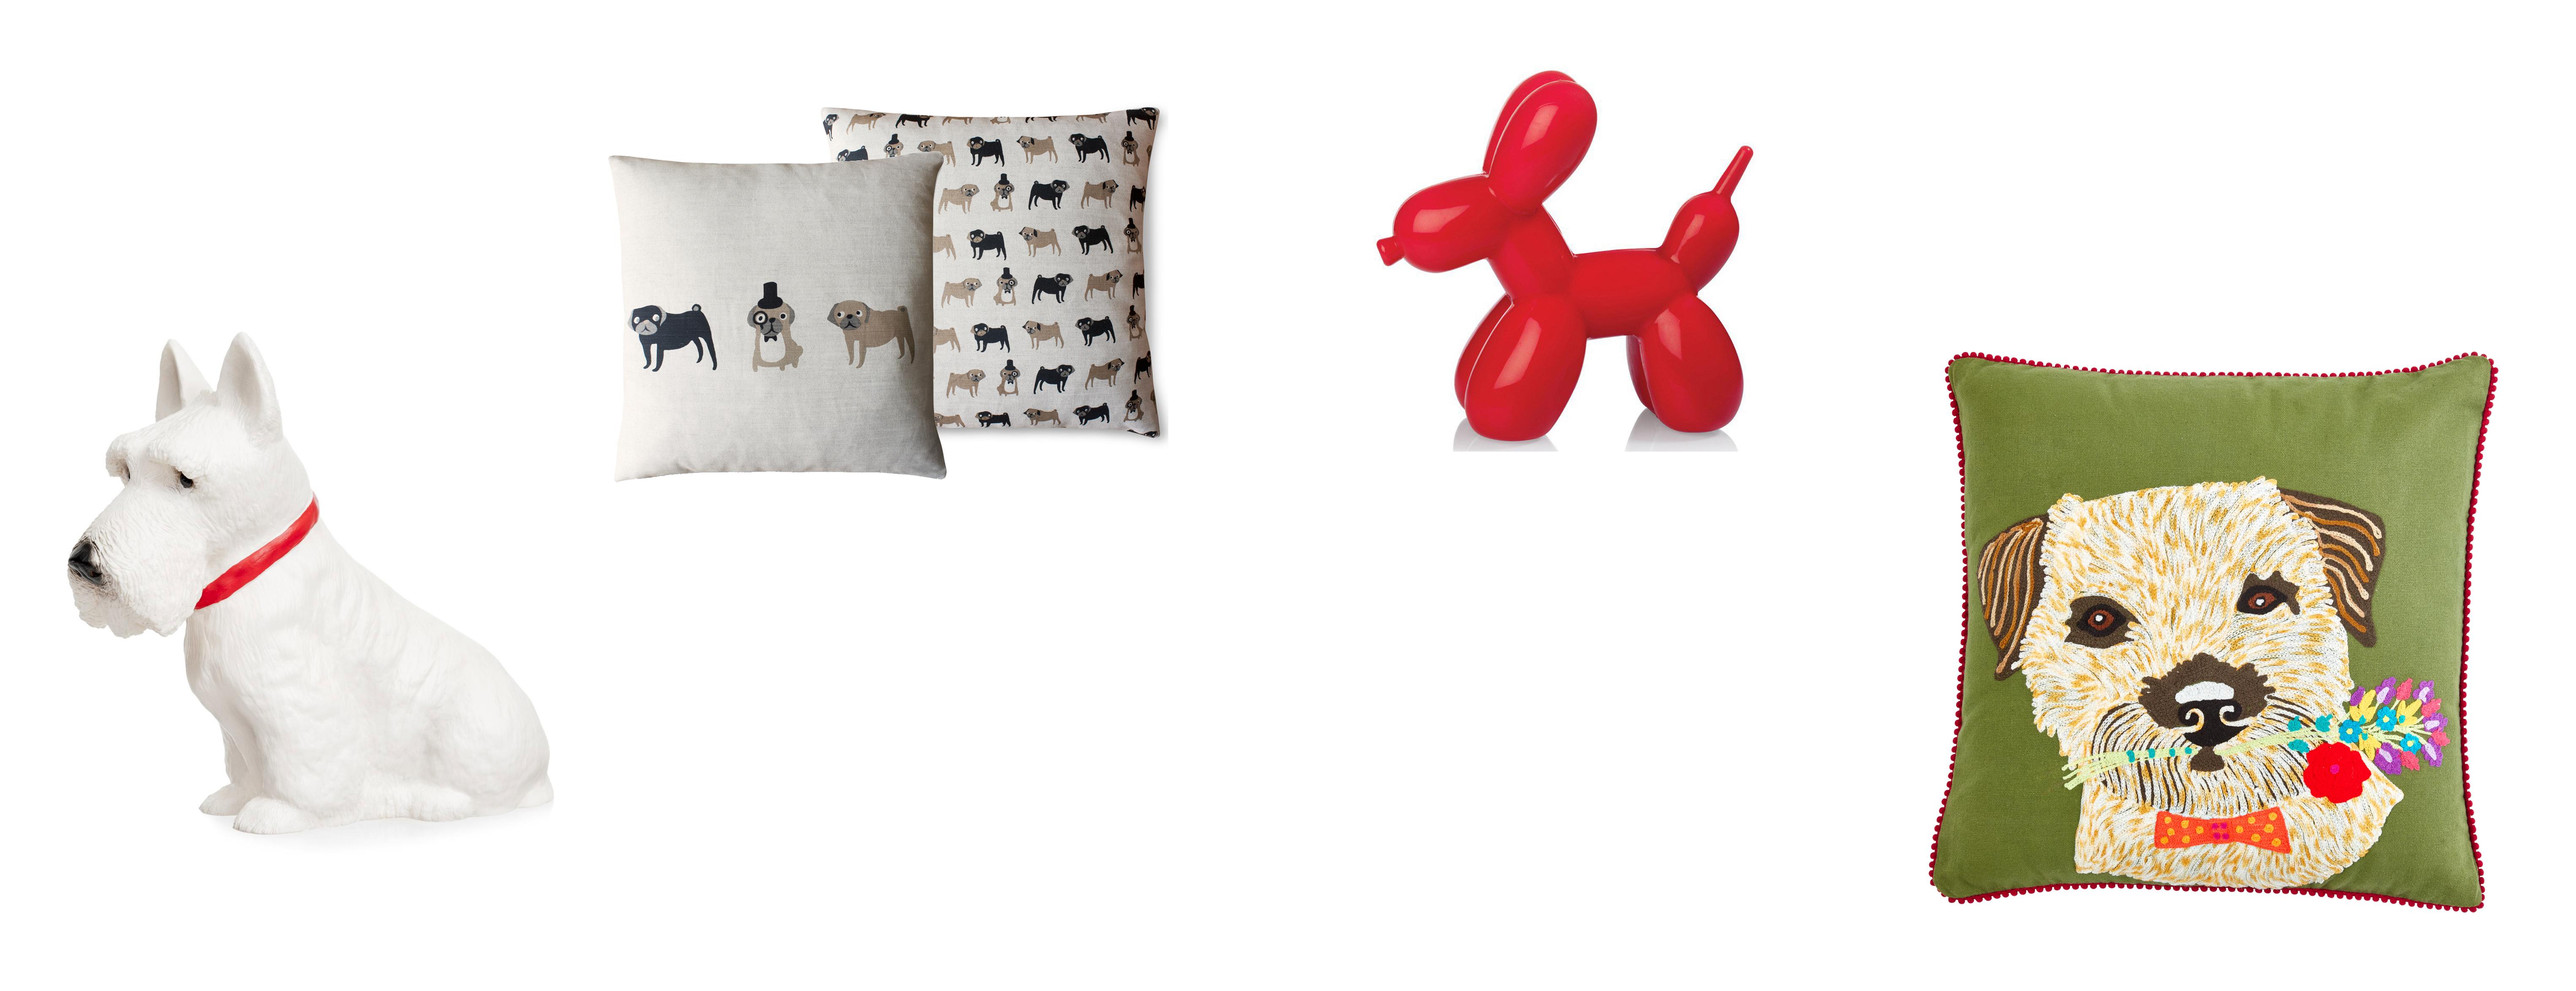 Pug Bedroom Accessories